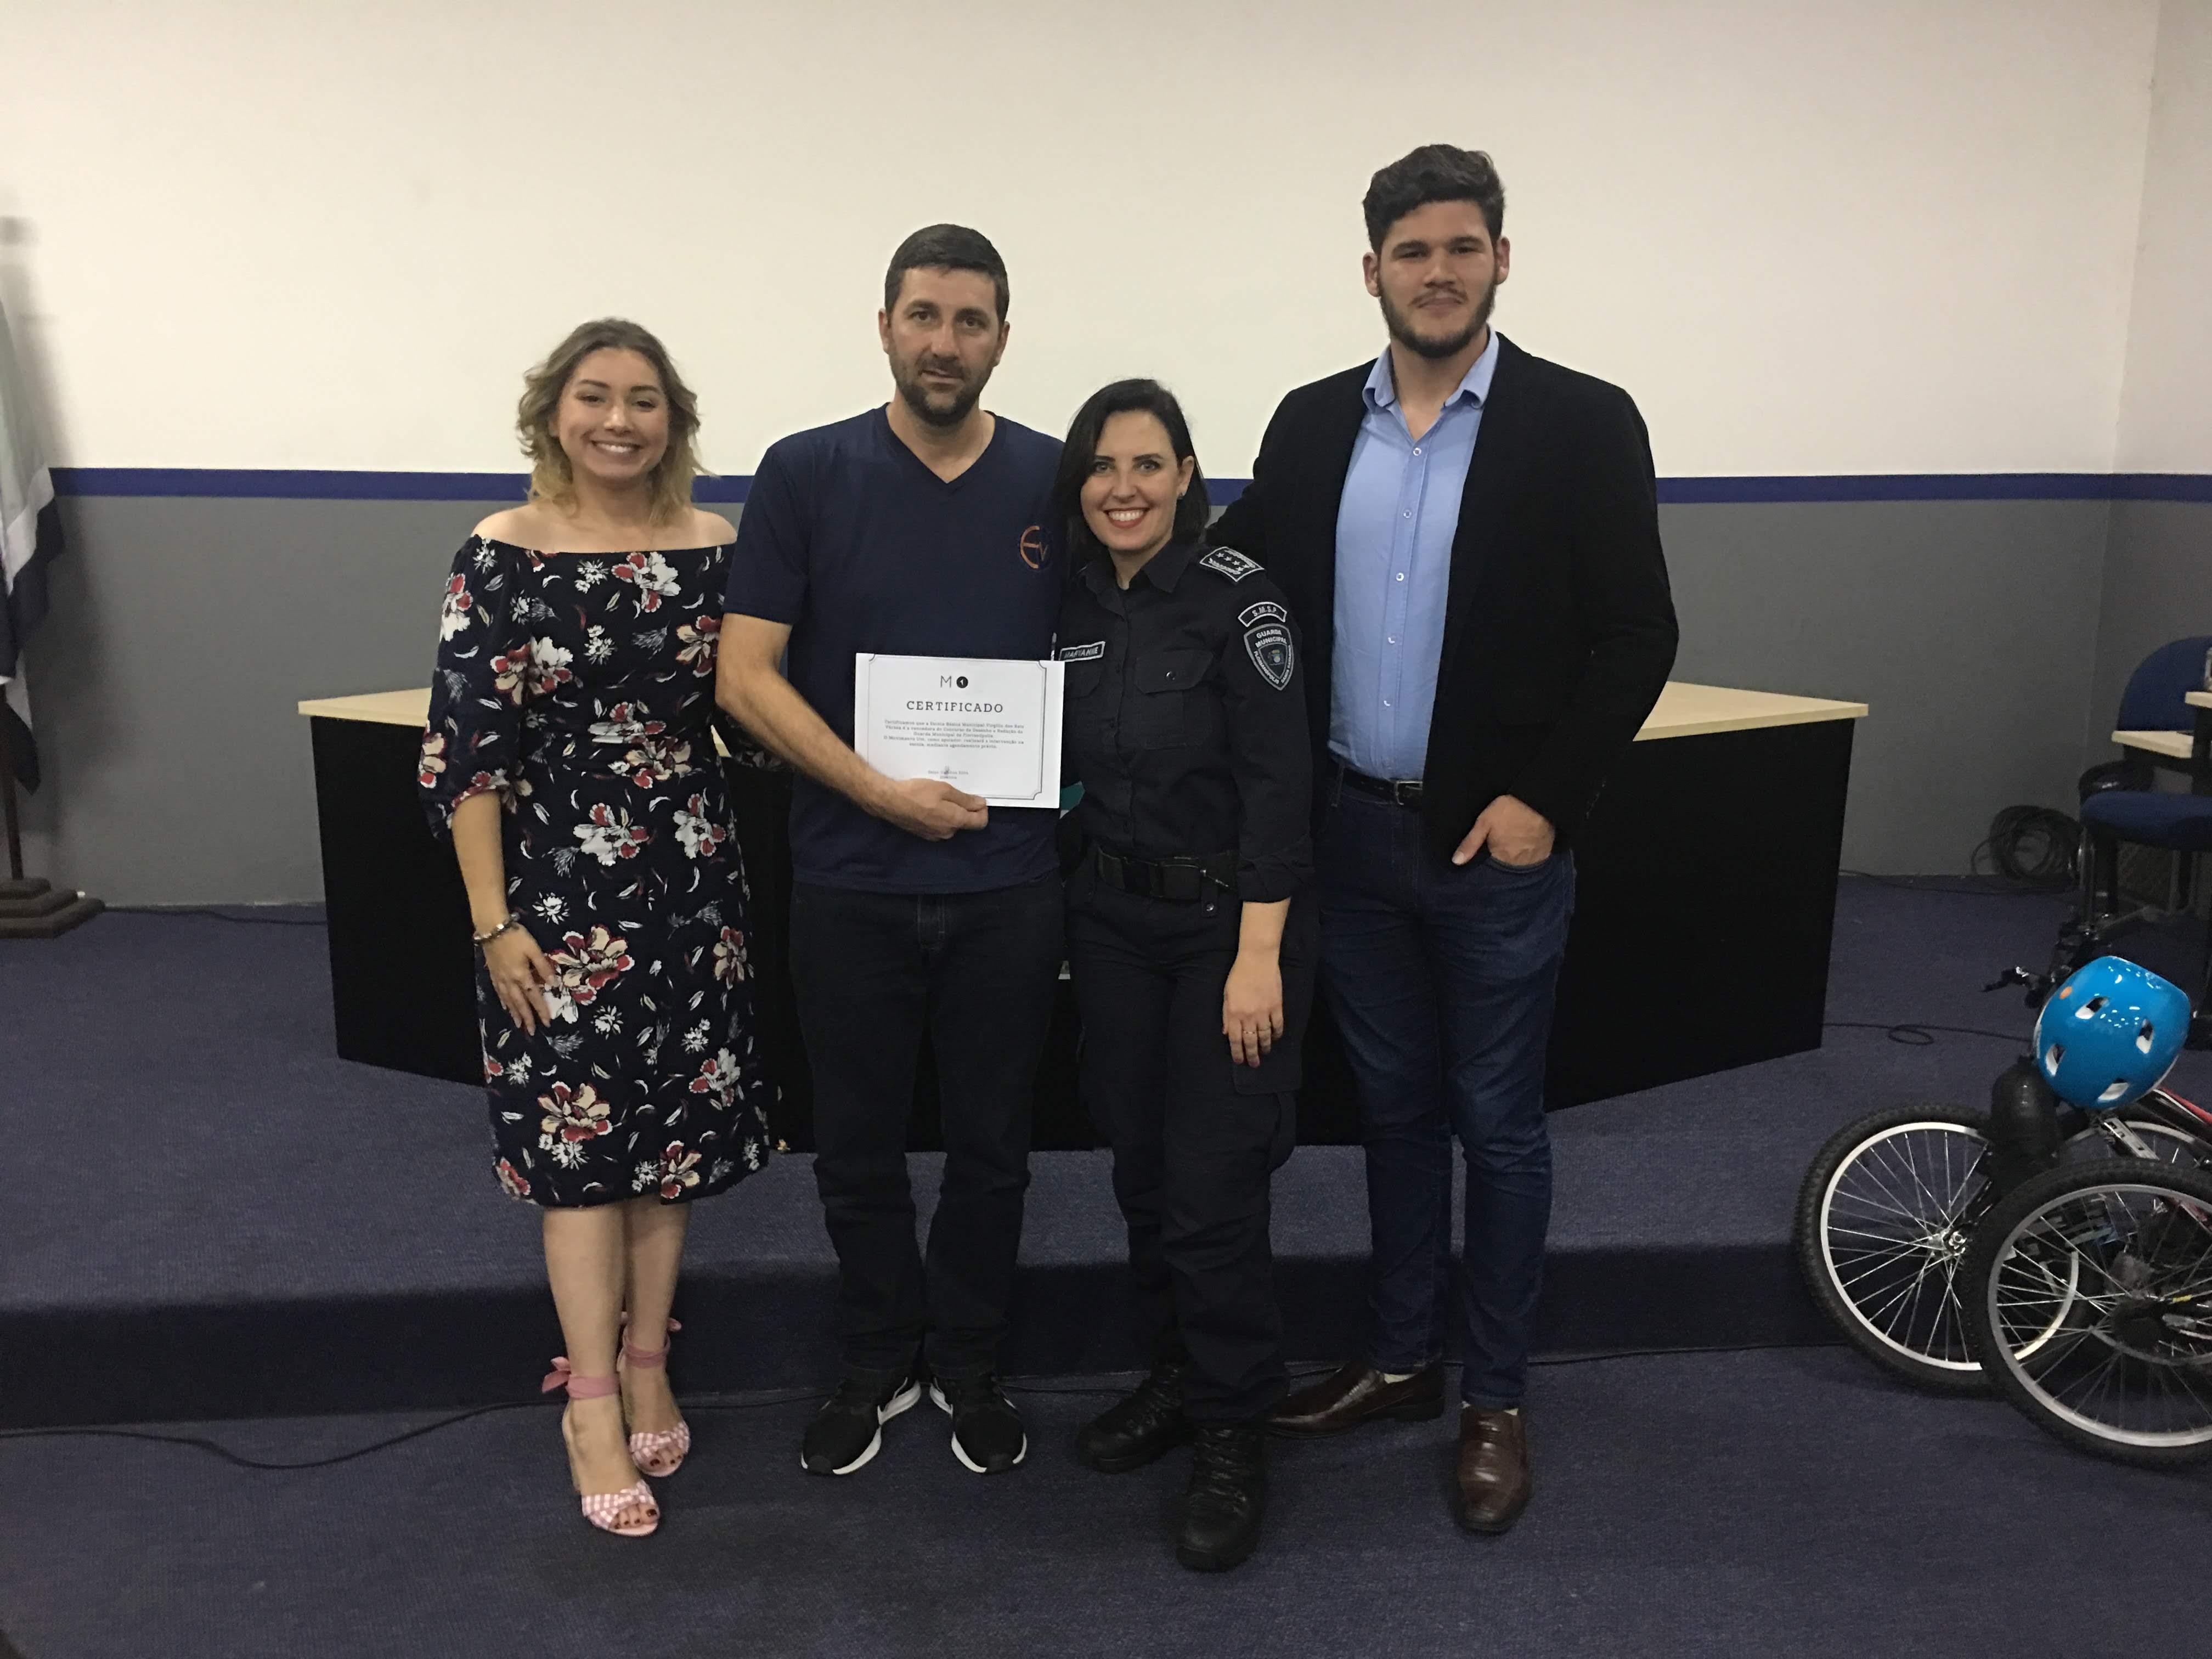 Diretor Da Escola Recebe O Prêmio Intervenção Urbana No Floripa Inovadora (2018).